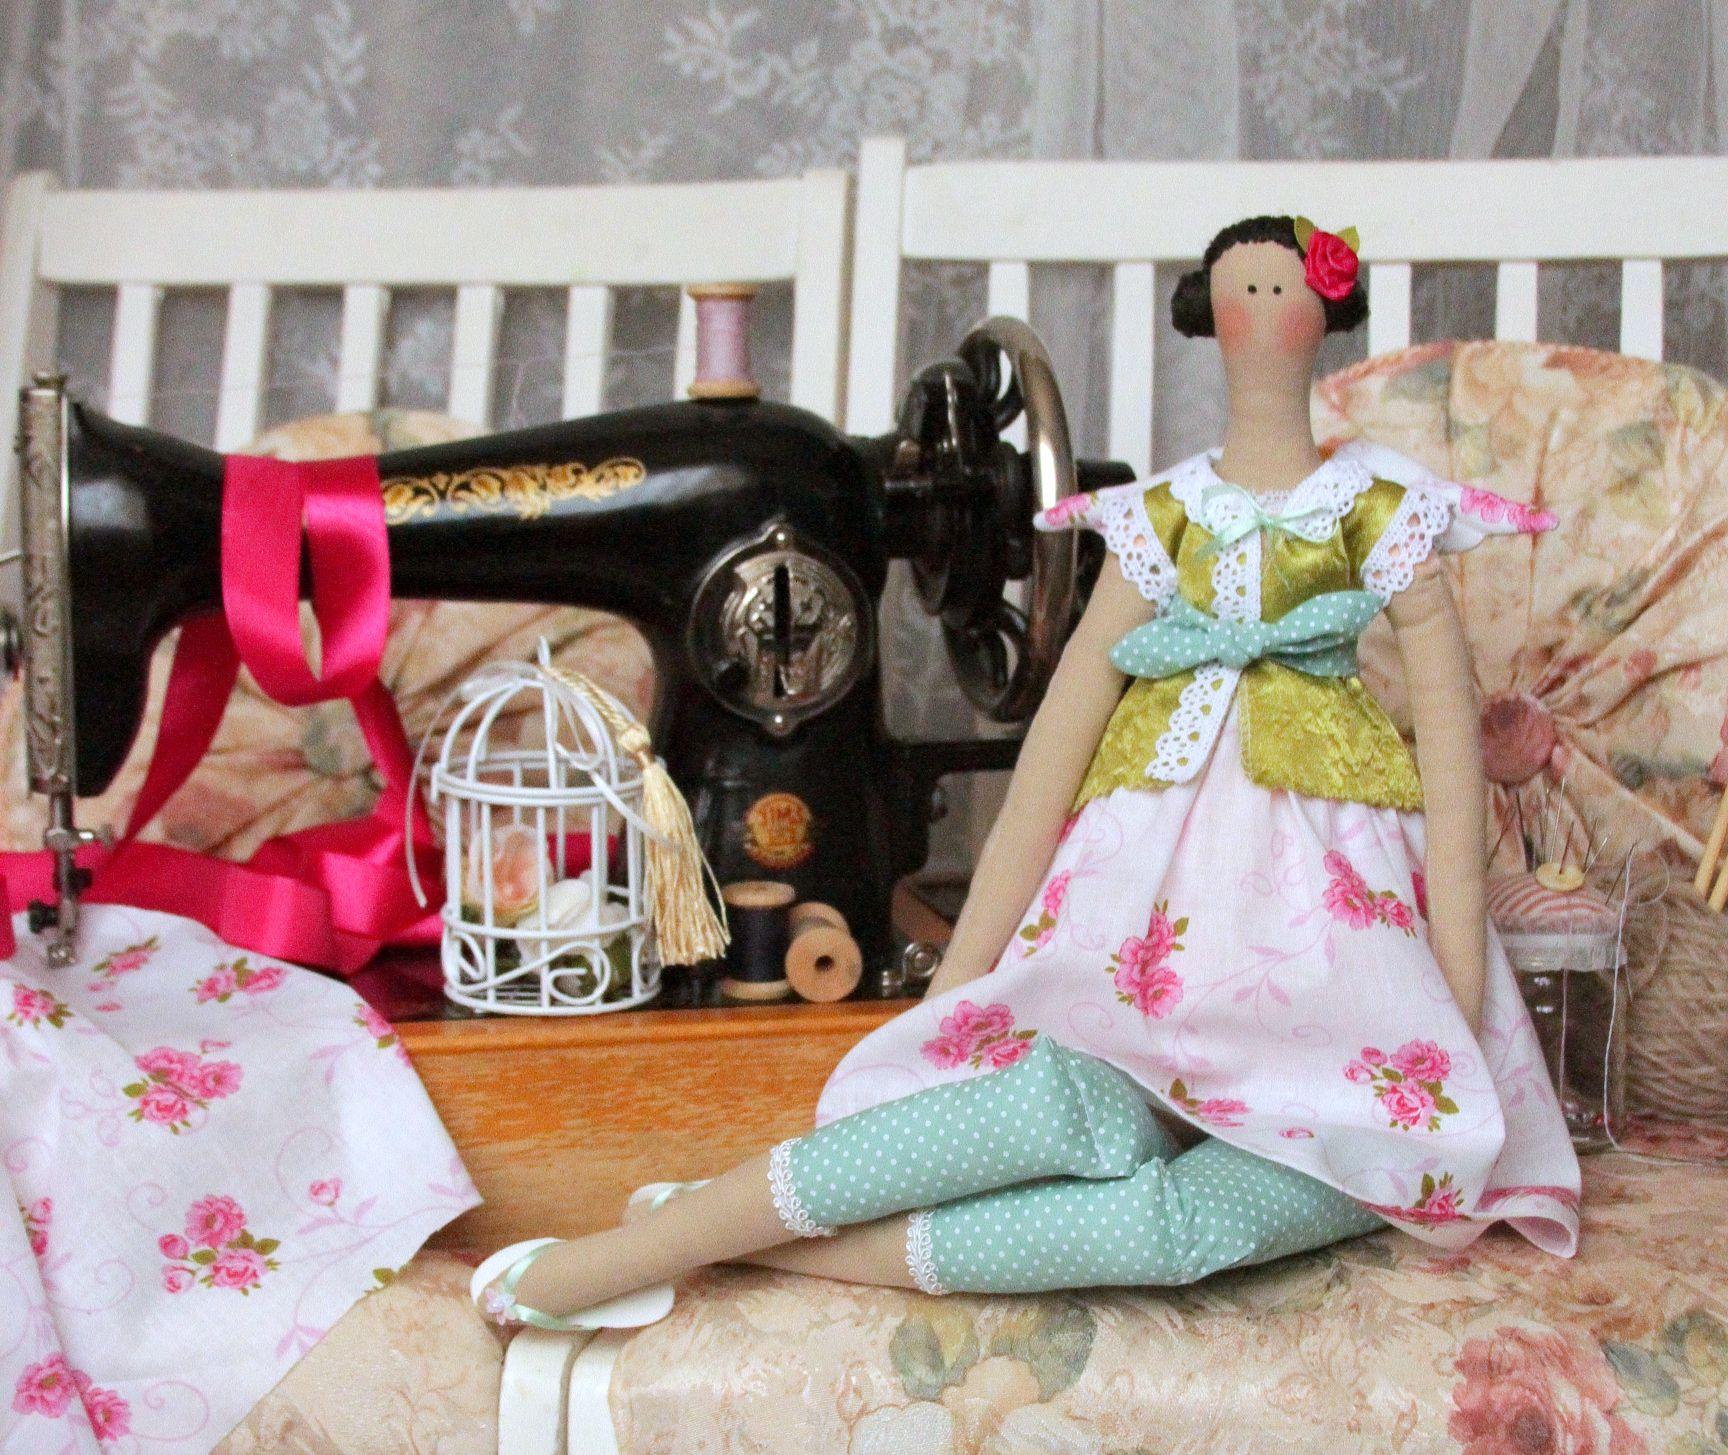 handmade игрушка куклаизткани тильда тильдаигрушка текстильныеигрушки игрушкиручнойработы игрушкиназаказ игрушкаизткани тильдакукла куклатильда кукла текстильнаякукла ручнаяработа